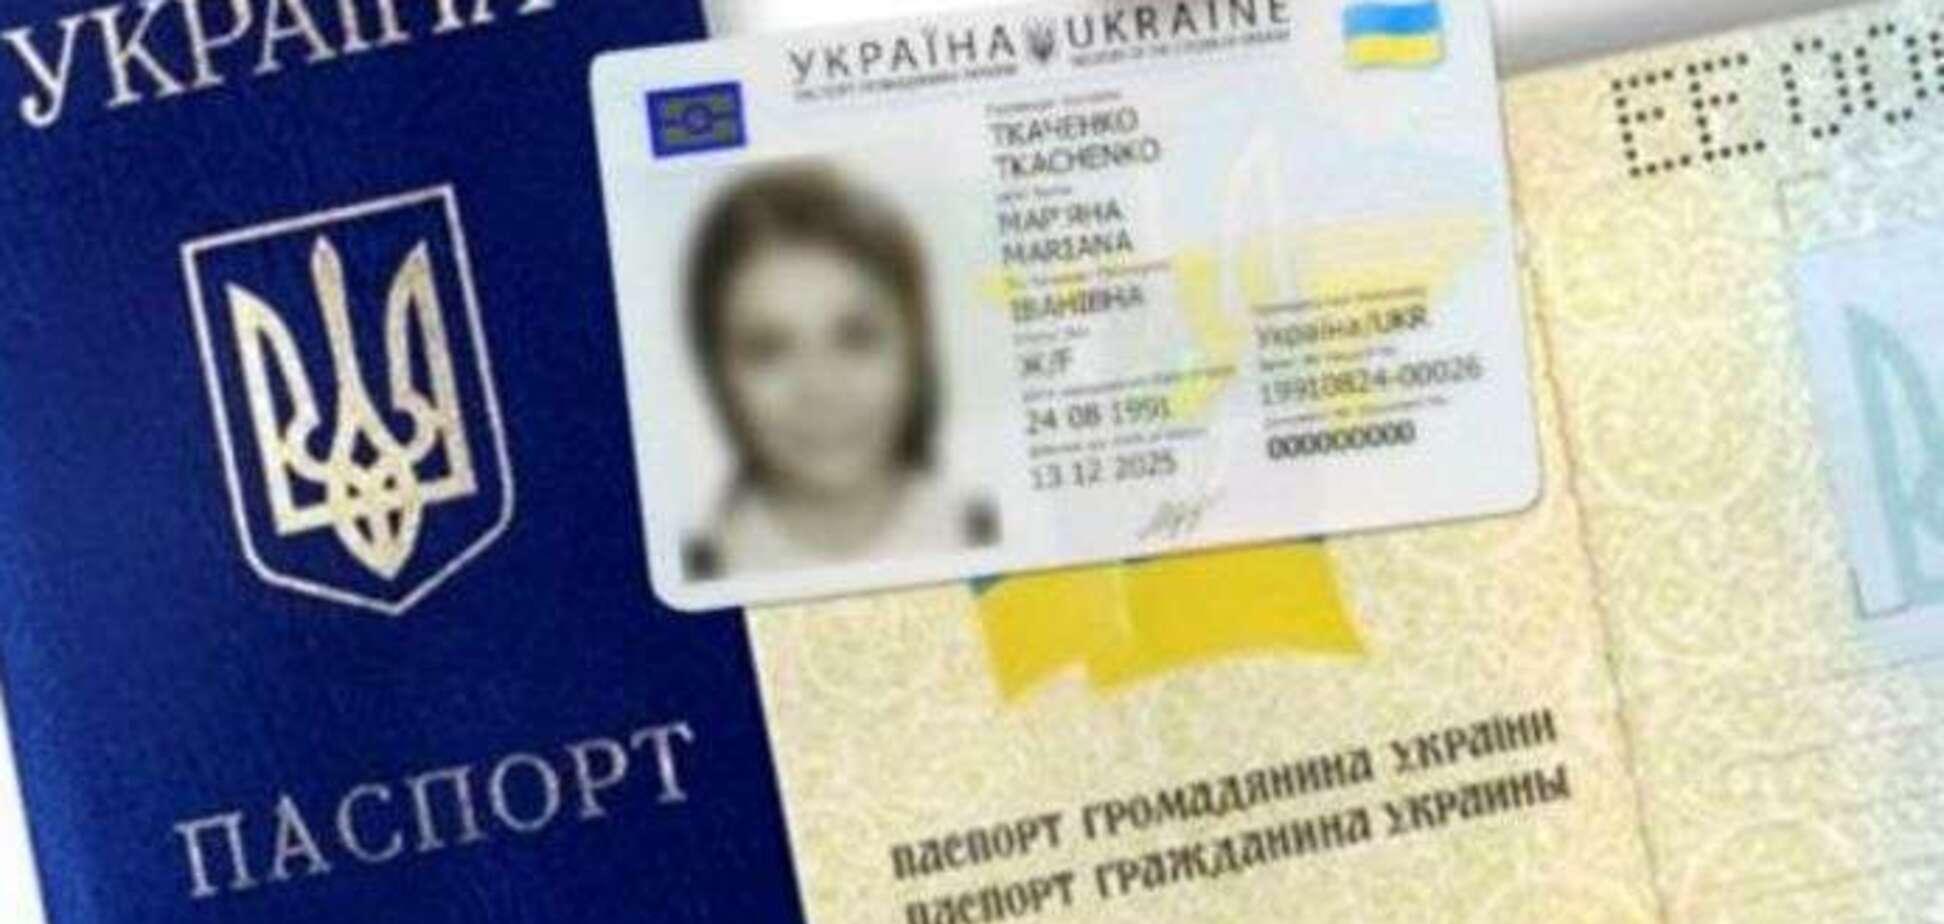 Українці зможуть отримати 'біометрику' для голосування на виборах: що відомо